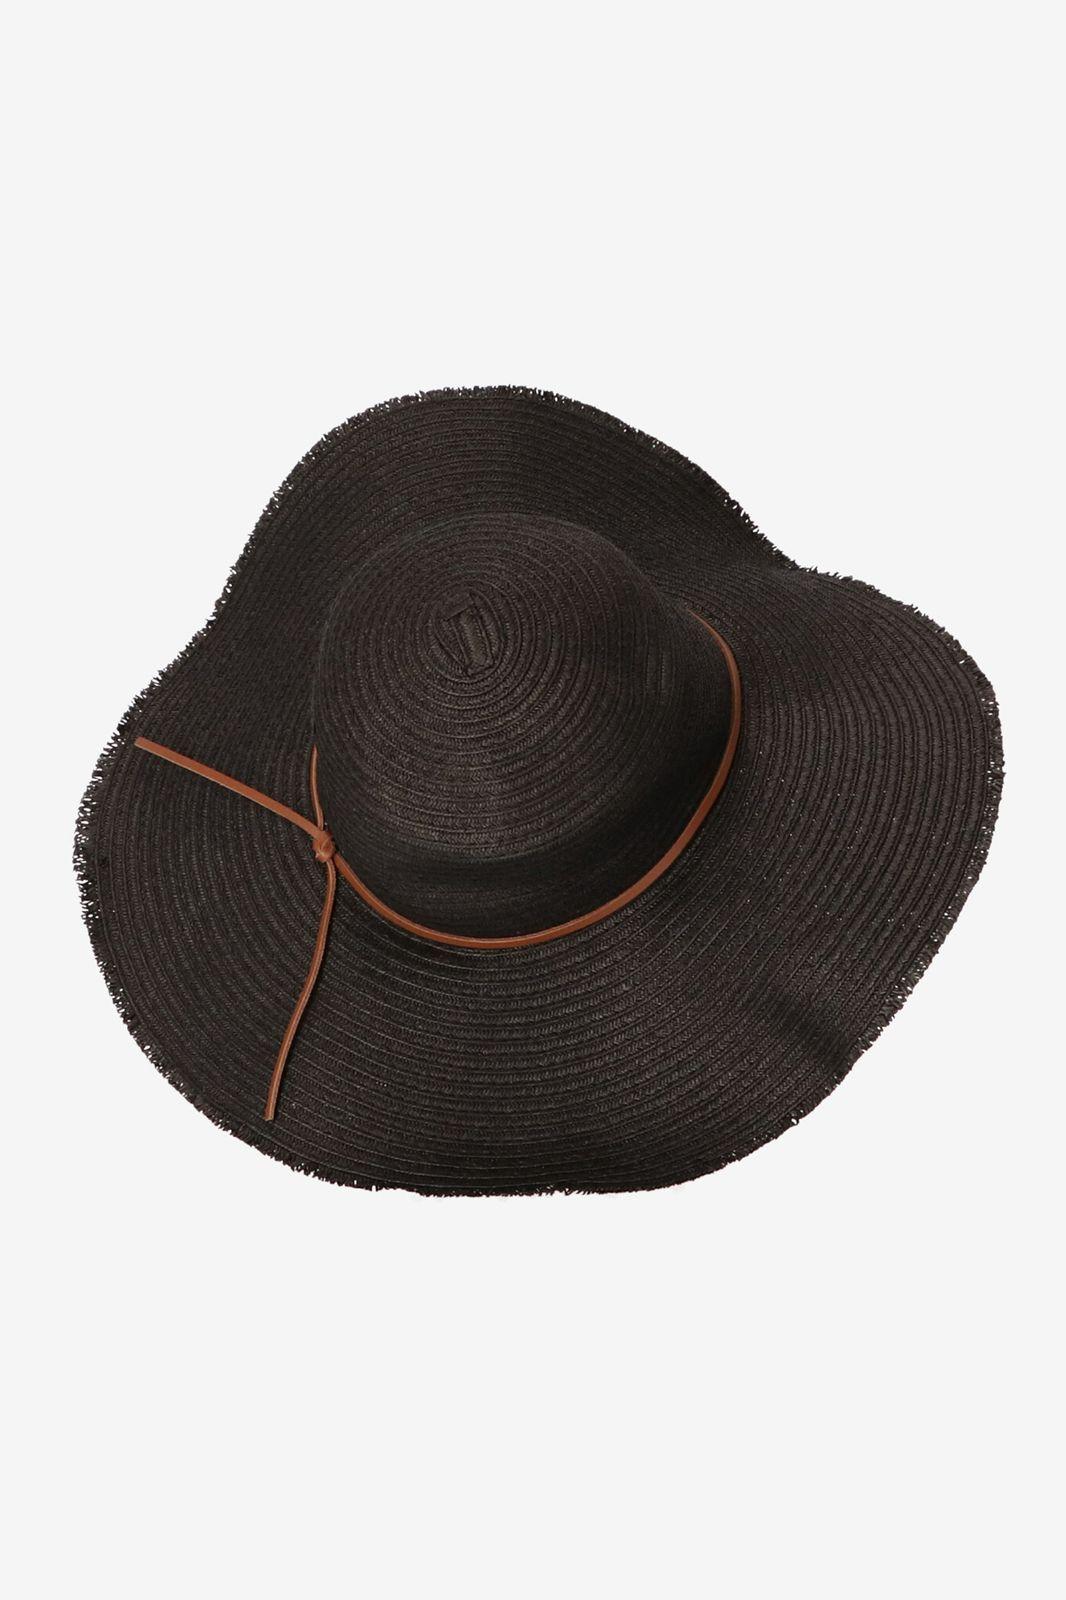 Zwarte hoed met rafelrand